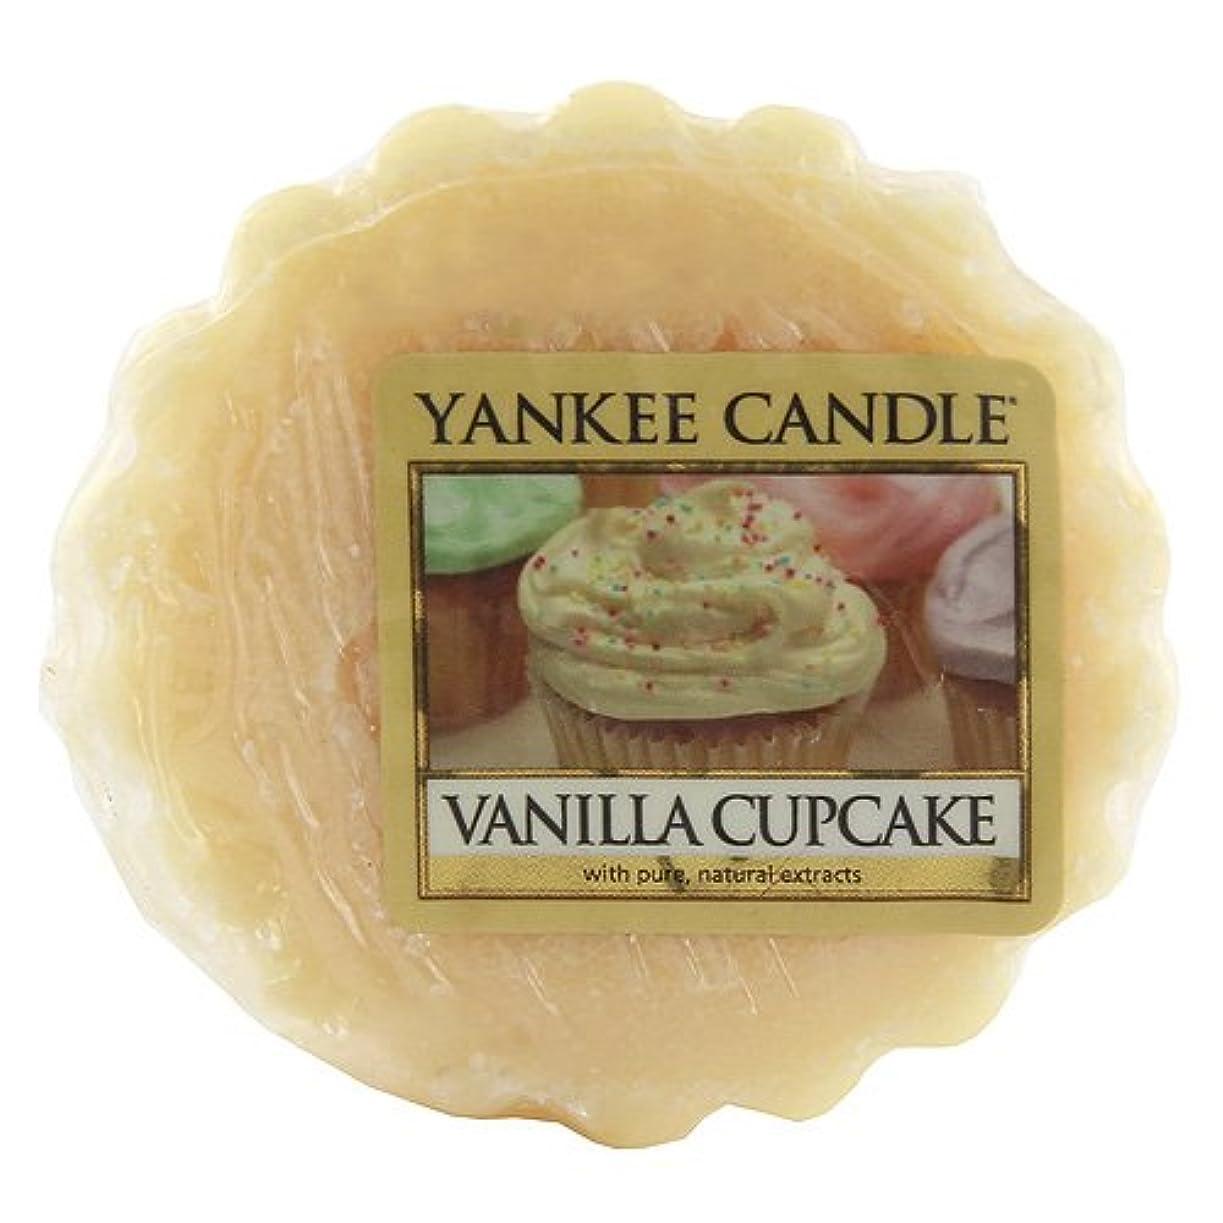 昨日精神患者【YANKEE CANDLE/ヤンキーキャンドル】Tarts® Wax Melts タルト ワックスポプリ ワックスメルト Vanilla Cupcake バニラカップケーキ 0.8oz (22g)